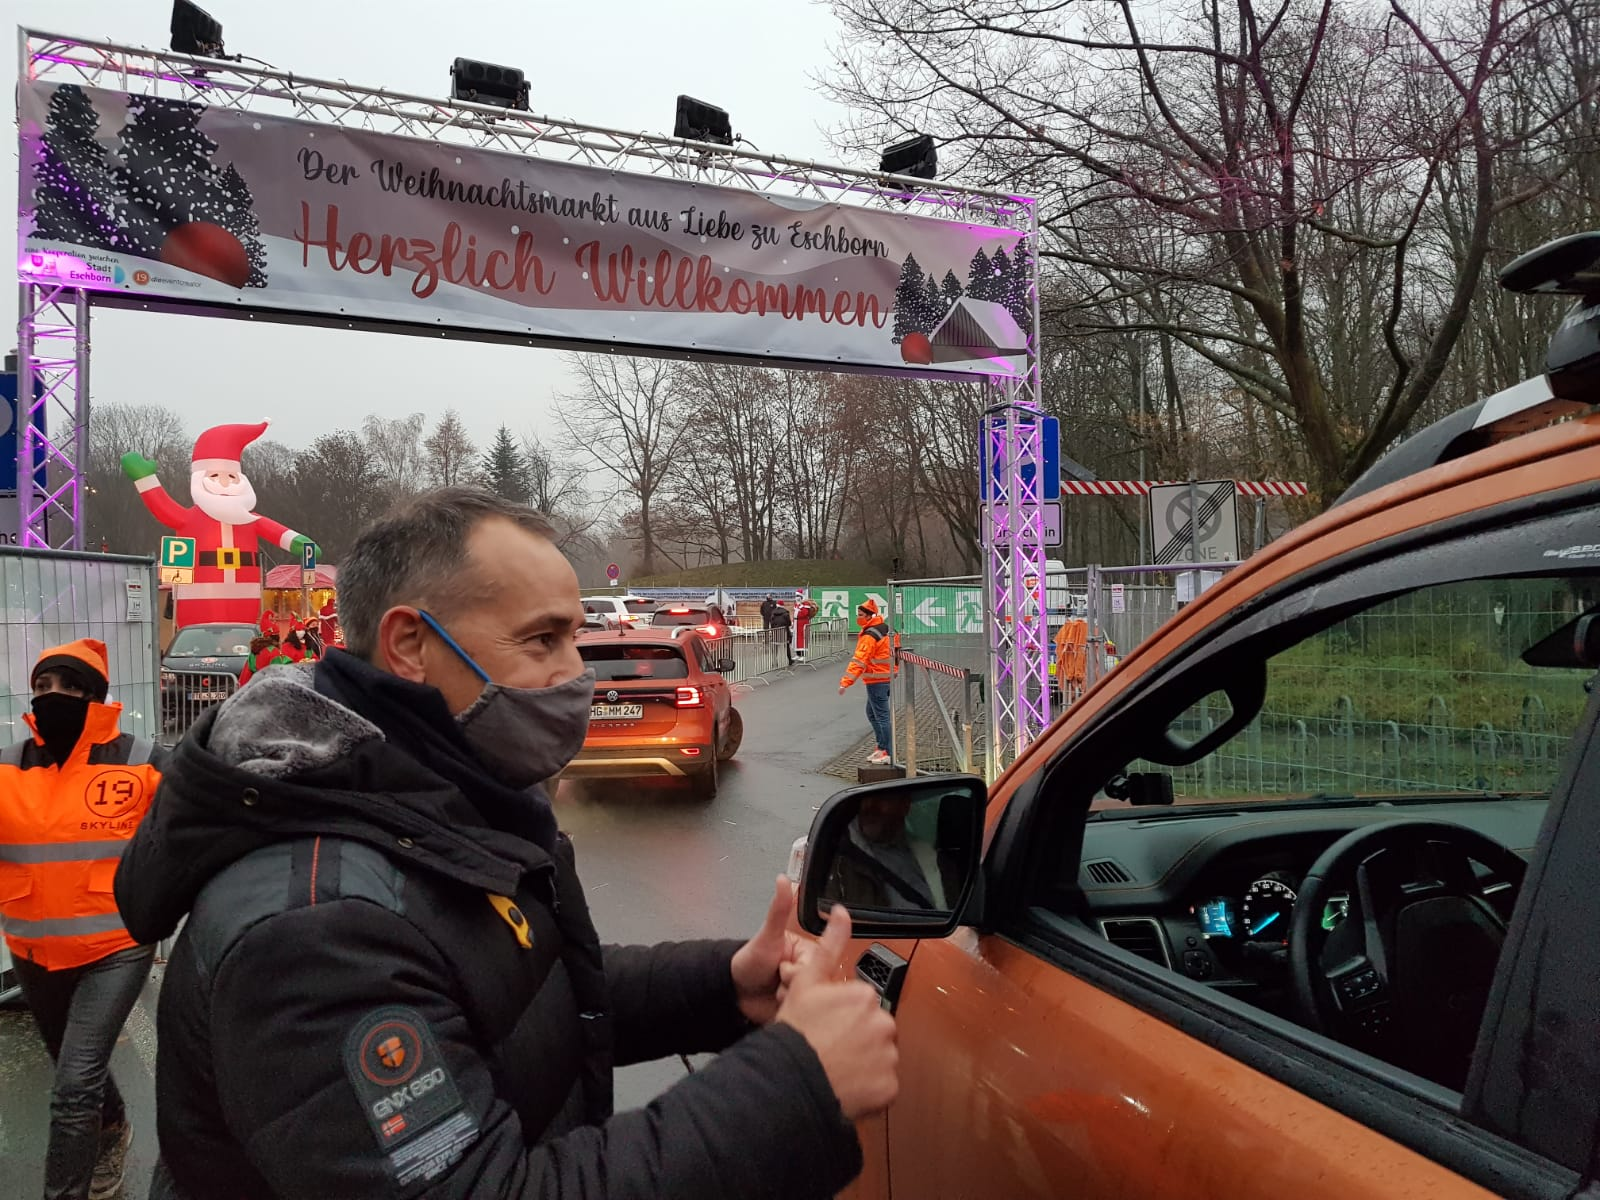 Der 1. Eschborner Drive-in Weihnachtsmarkt war sehr gut besucht.